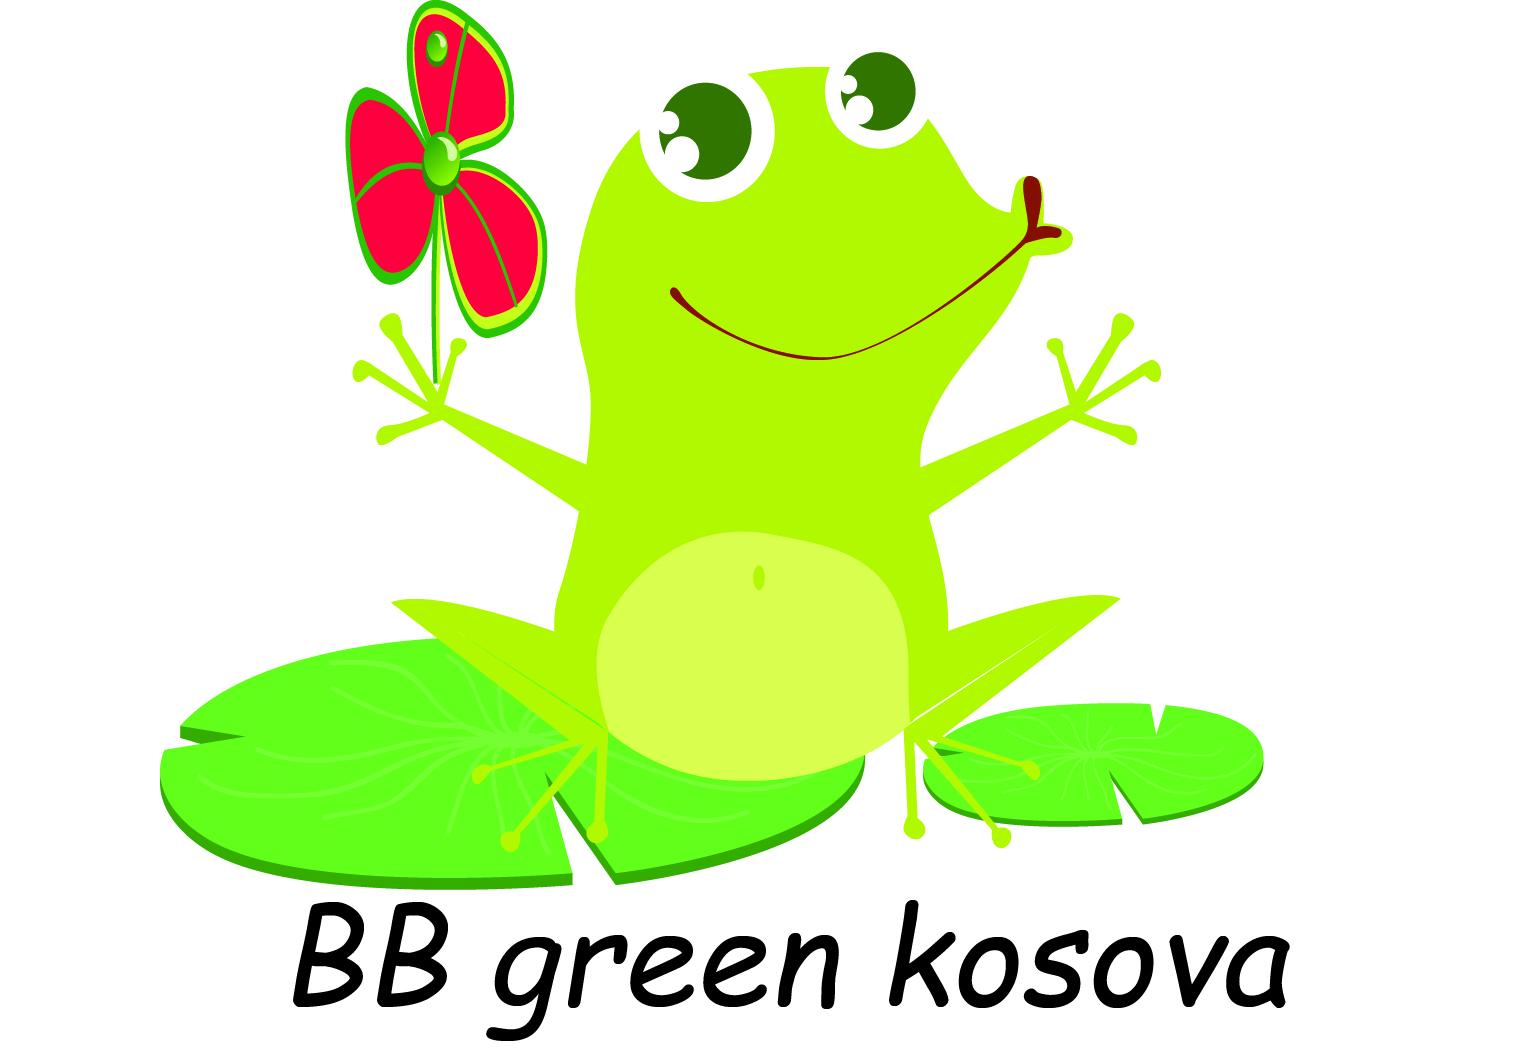 BB Green kosova